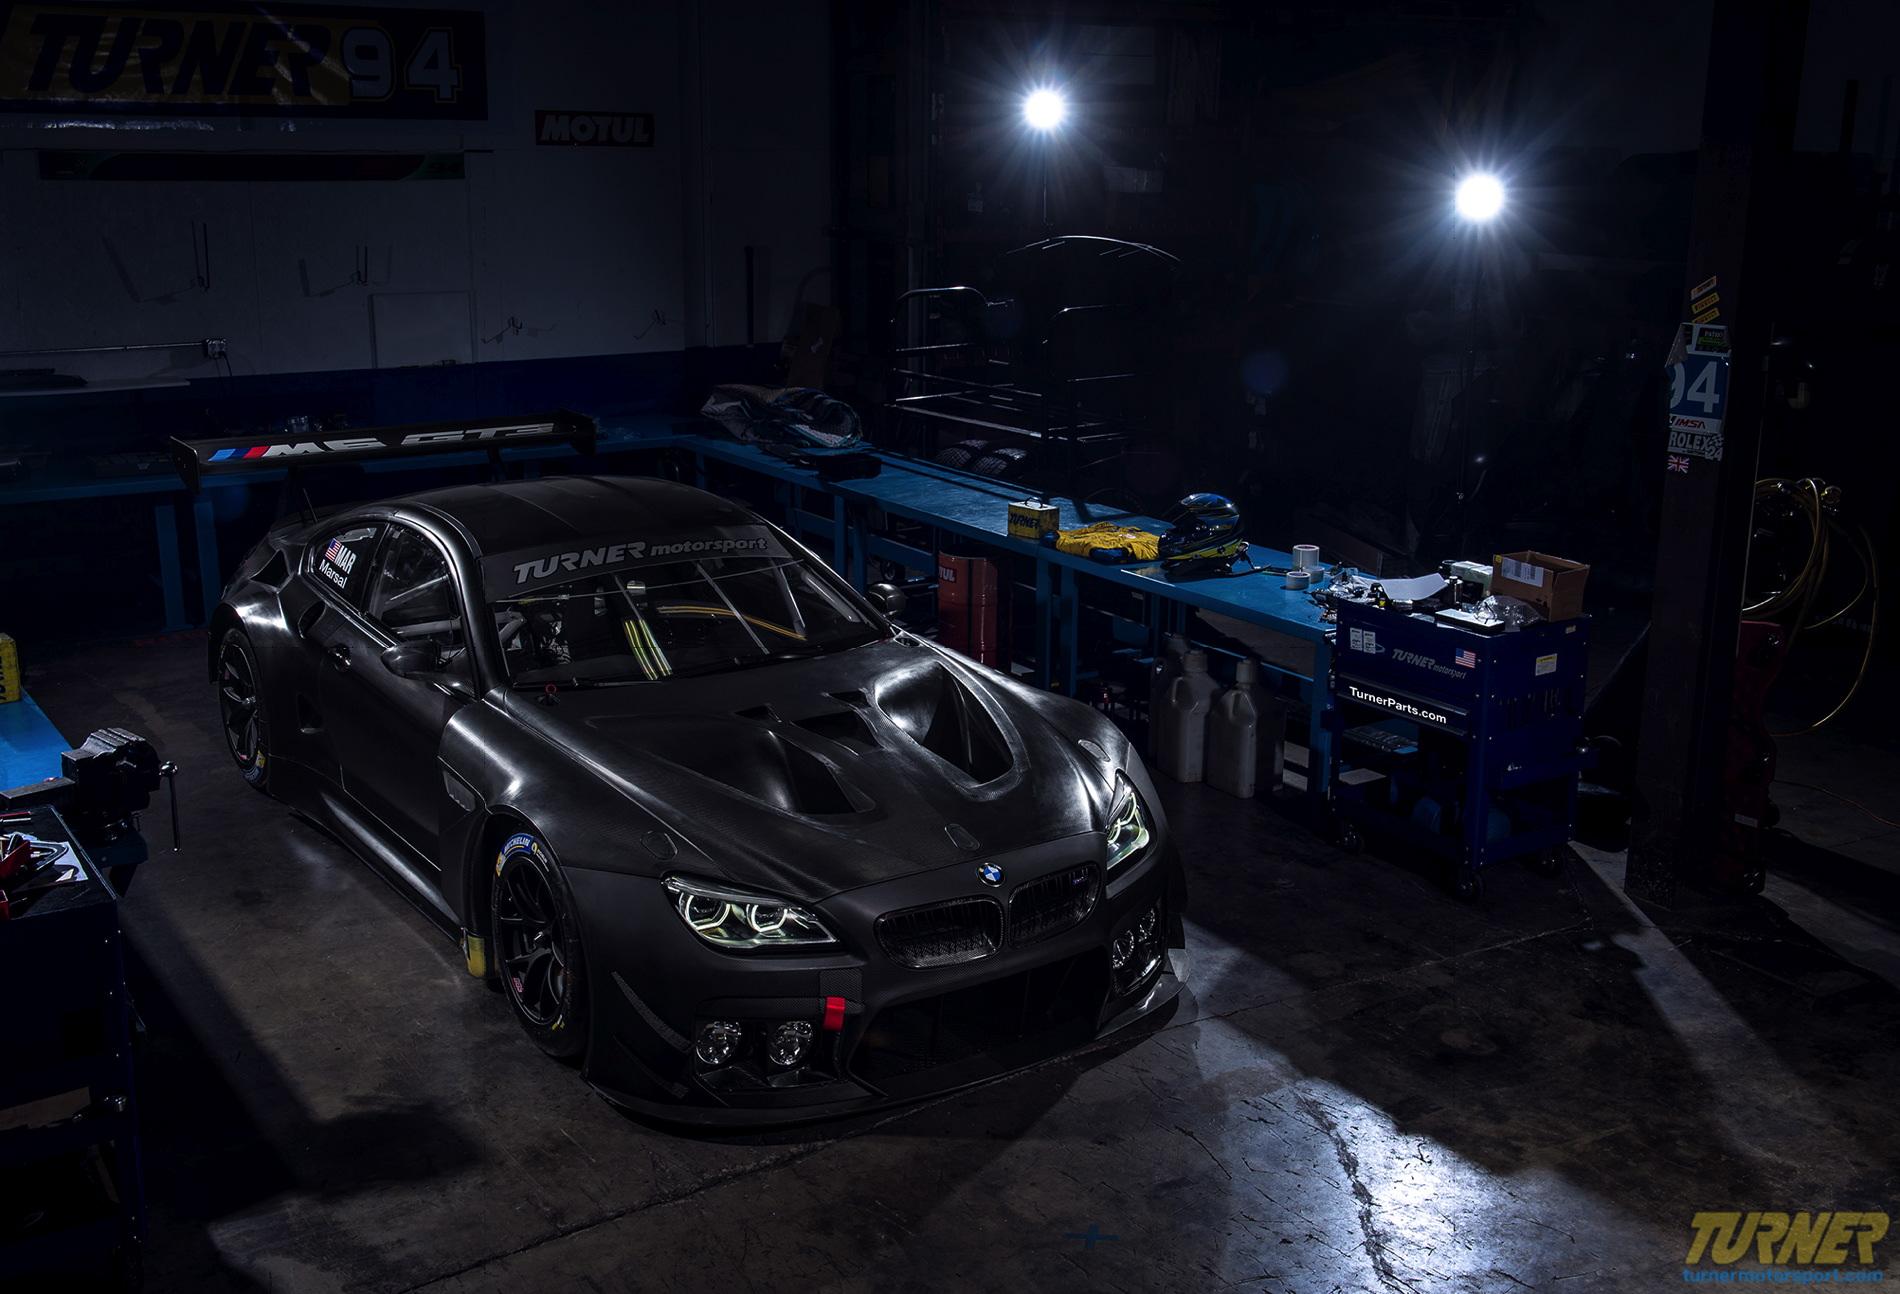 Turner Motorsport in final preparations of their BMW M6 GT3